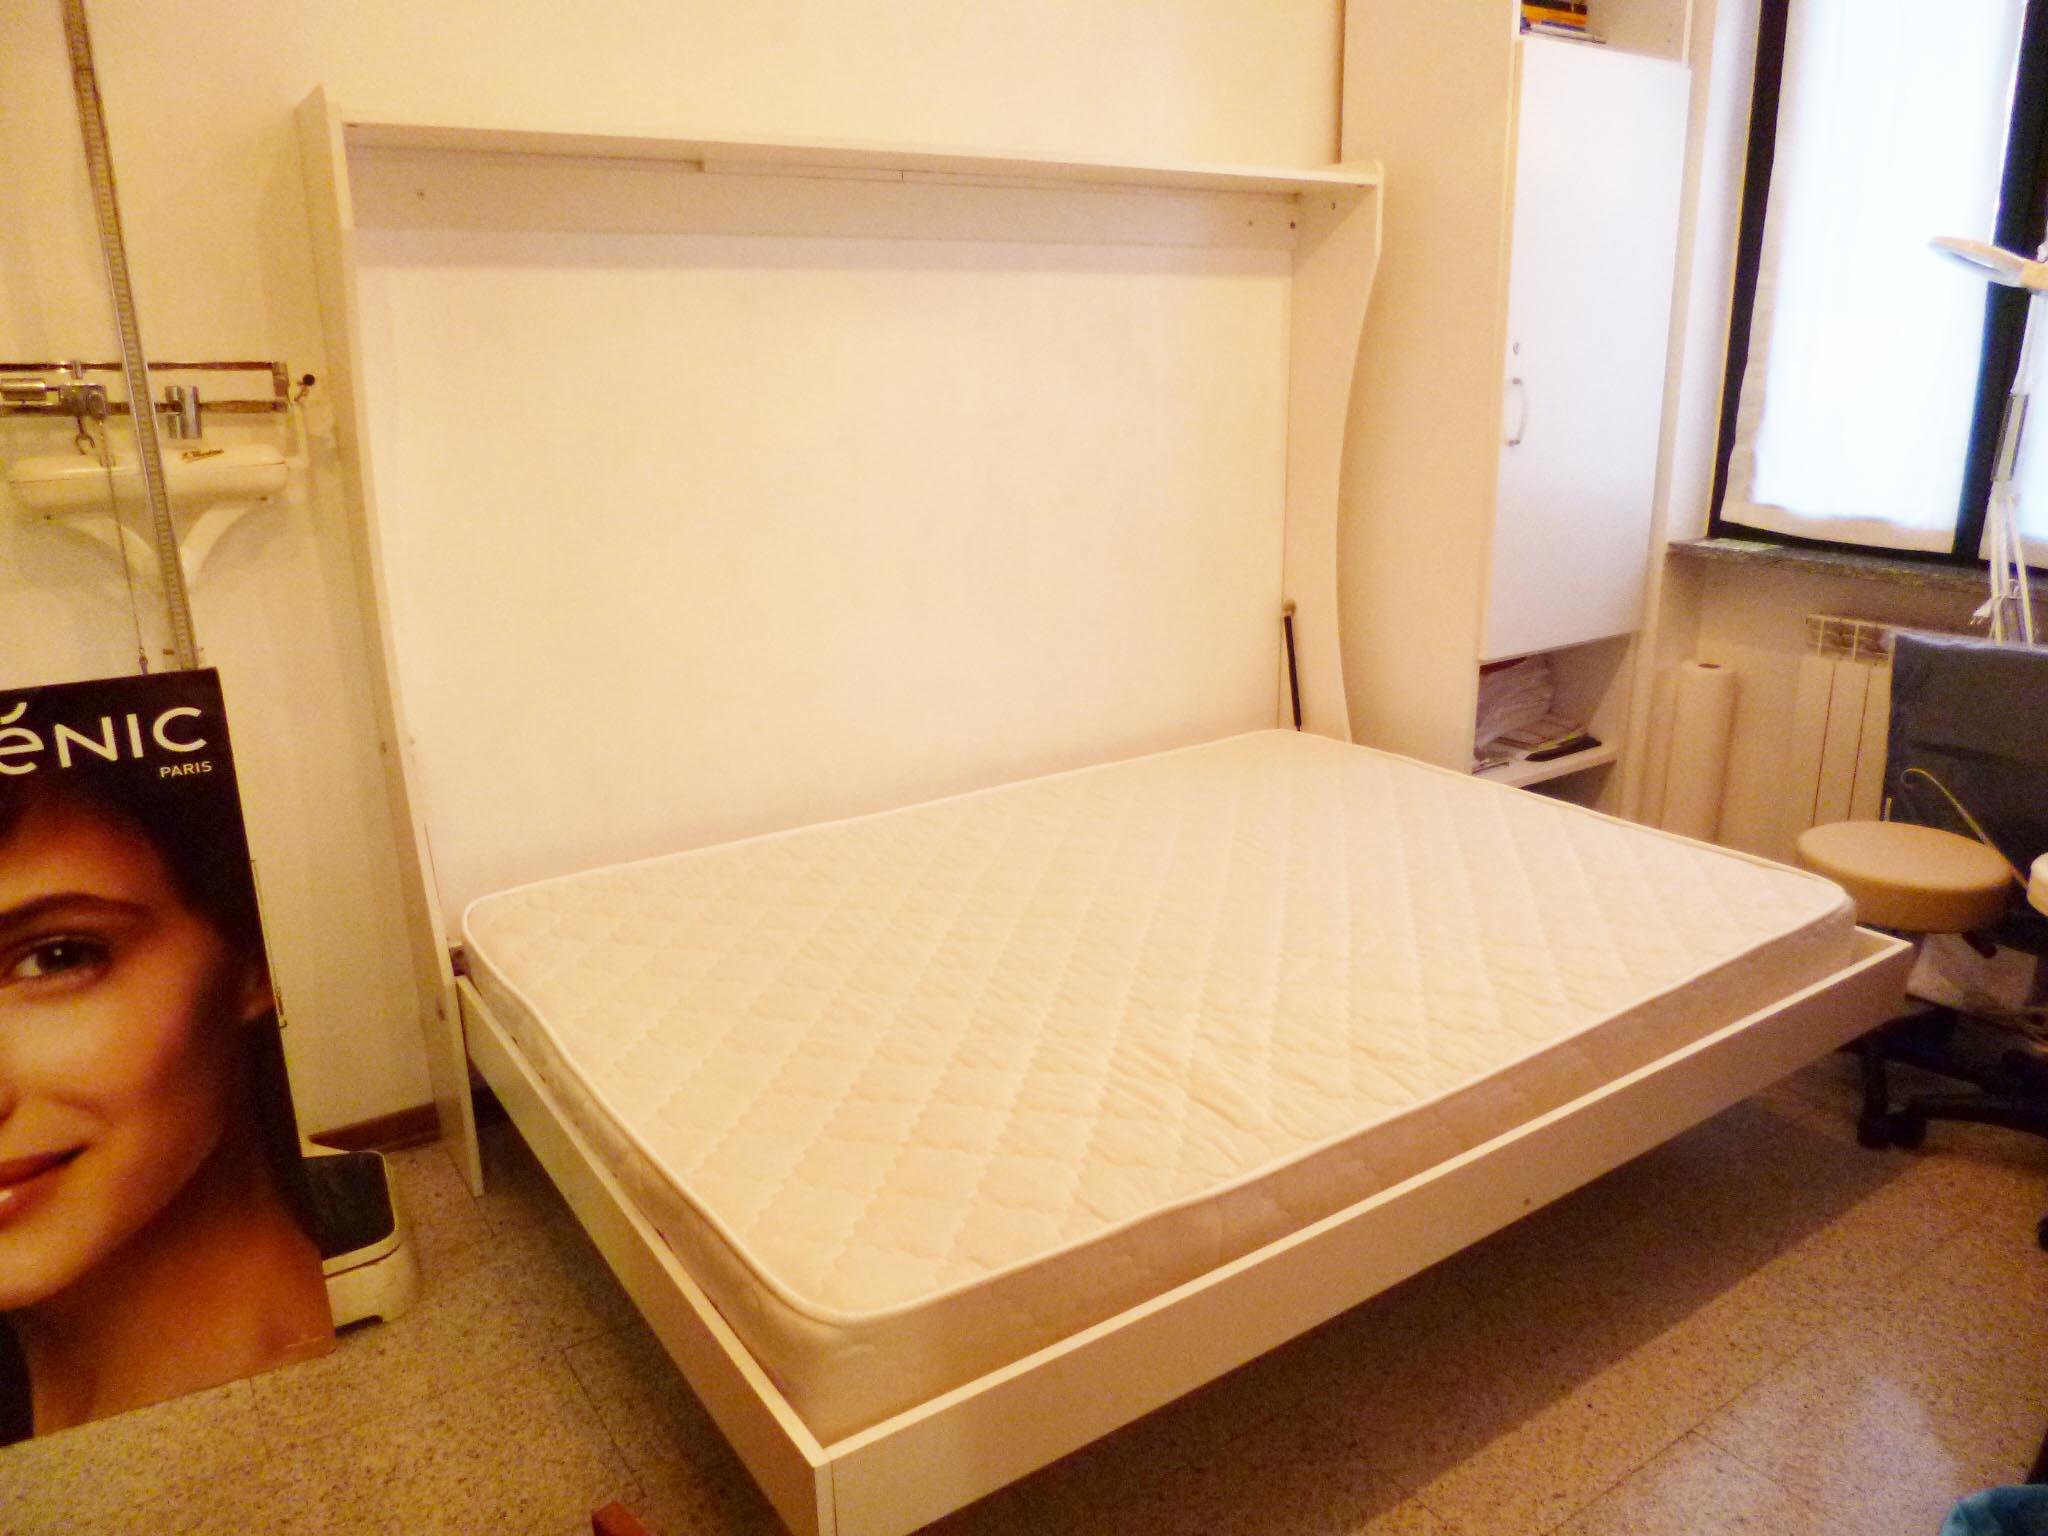 Letto a parete una piazza e mezza consolle bed - Testata letto una piazza e mezza ...